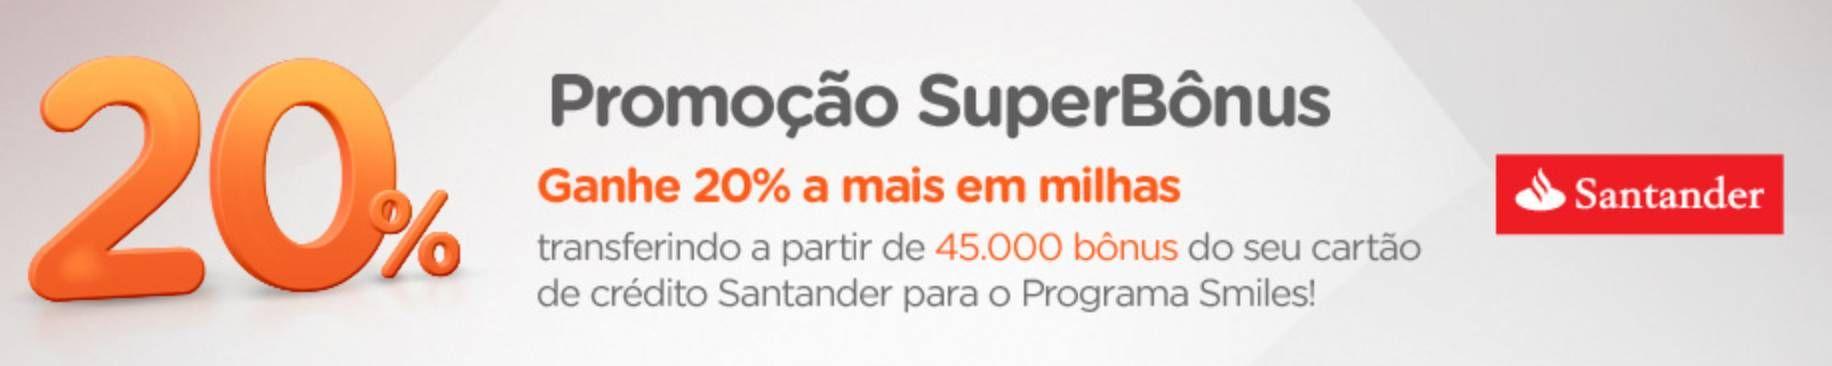 Smiles oferece 20% a mais de milhas na transferência de pontos de clientes Santander